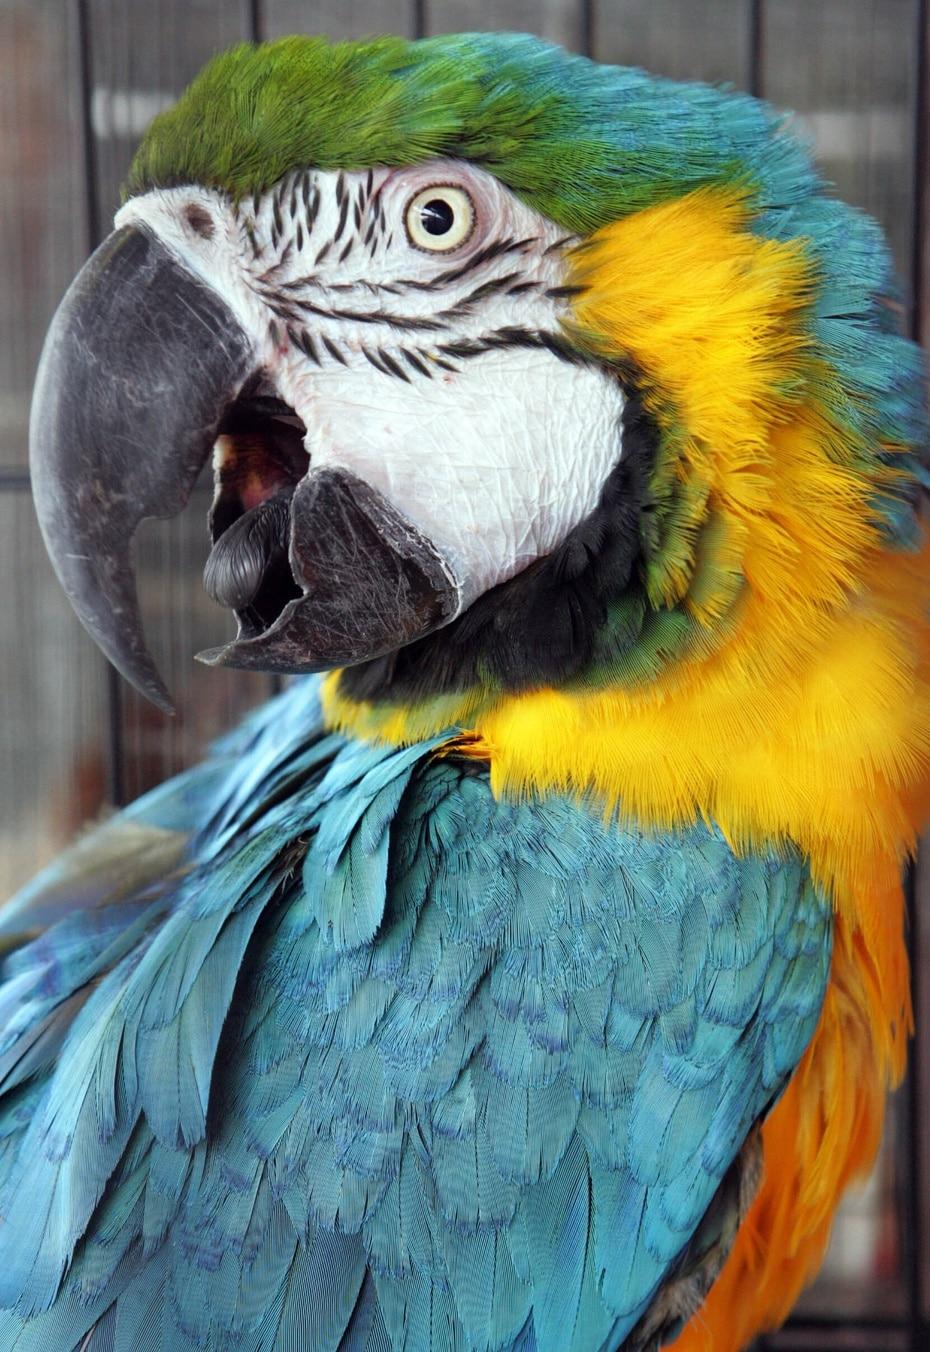 Guacamayo azuliamarillo (Ara ararauna): Especie invasora; tiene poblaciones en el área metropolitana de San Juan y en Cayey. Se estima que llegaron a la isla como parte del comercio de mascotas en la década de los años 1960.